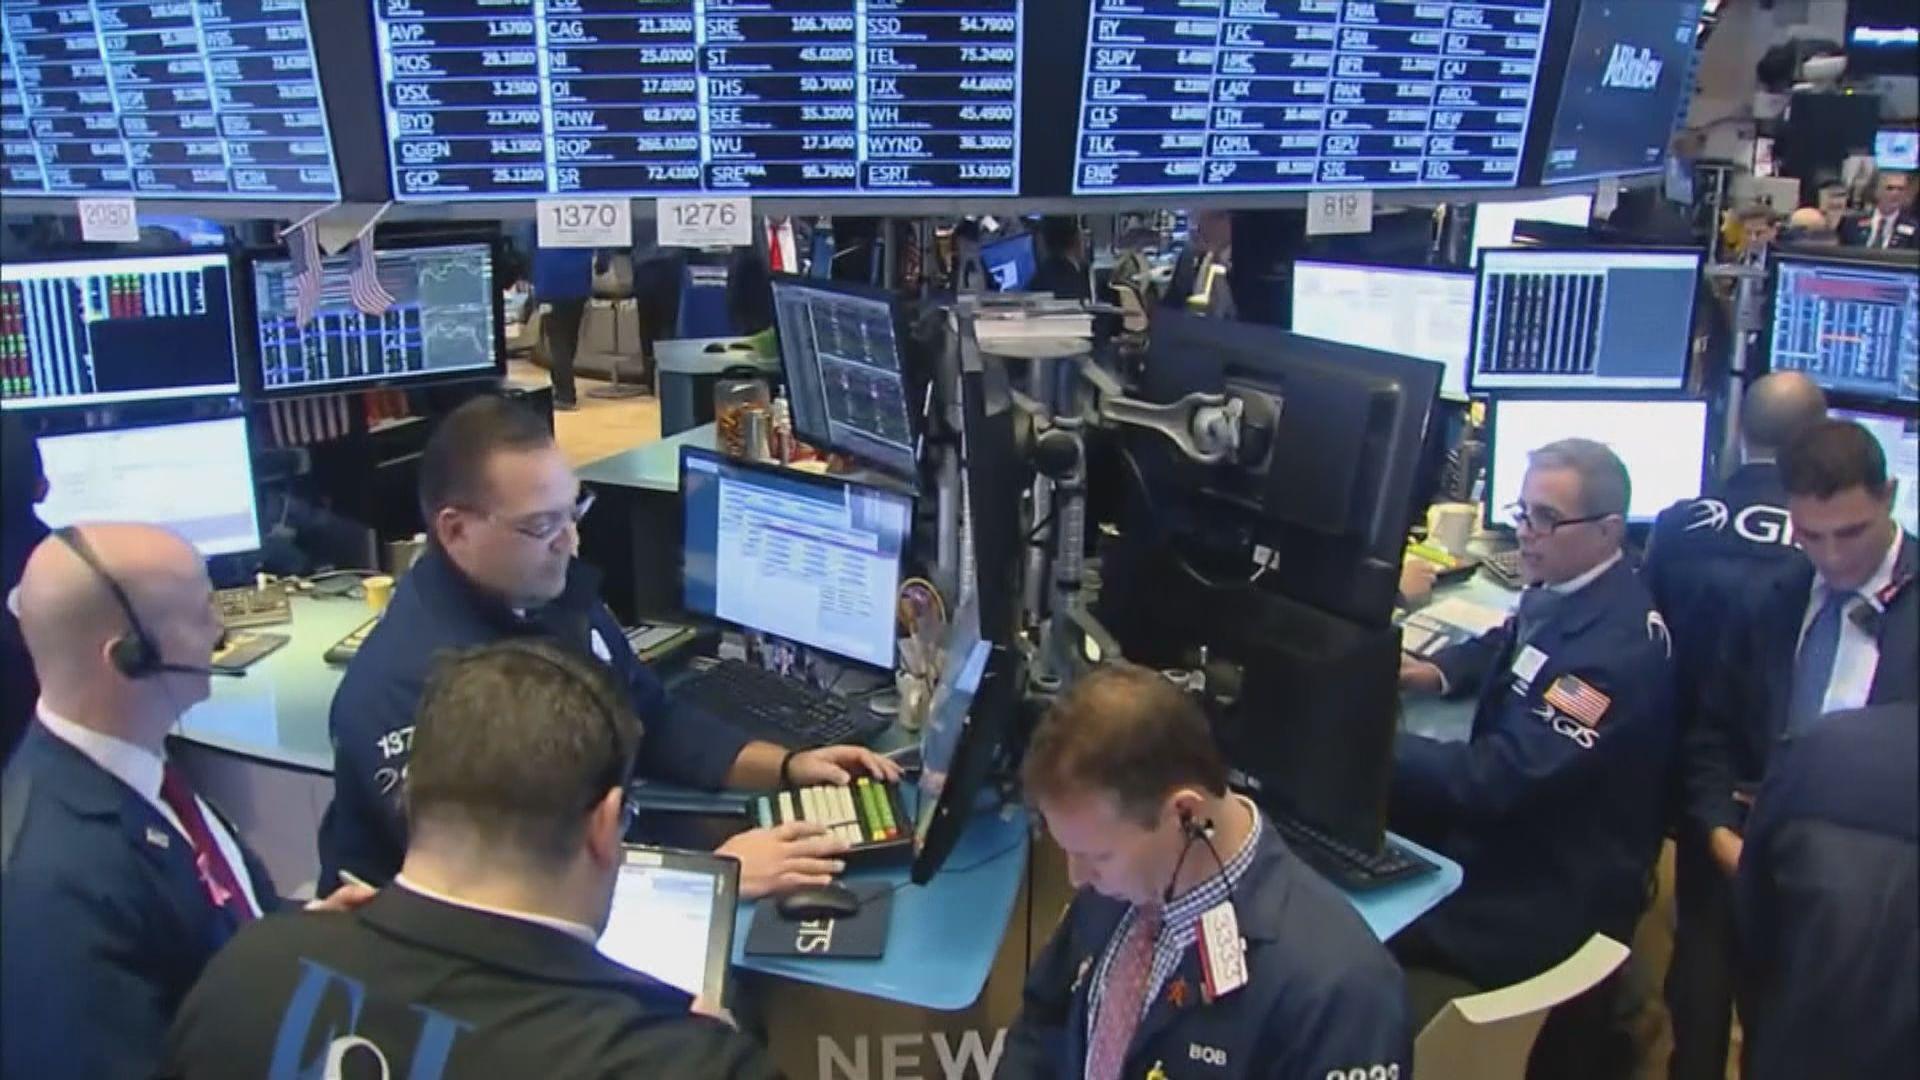 本周美股焦點:中美貿易協議及銀行股業績